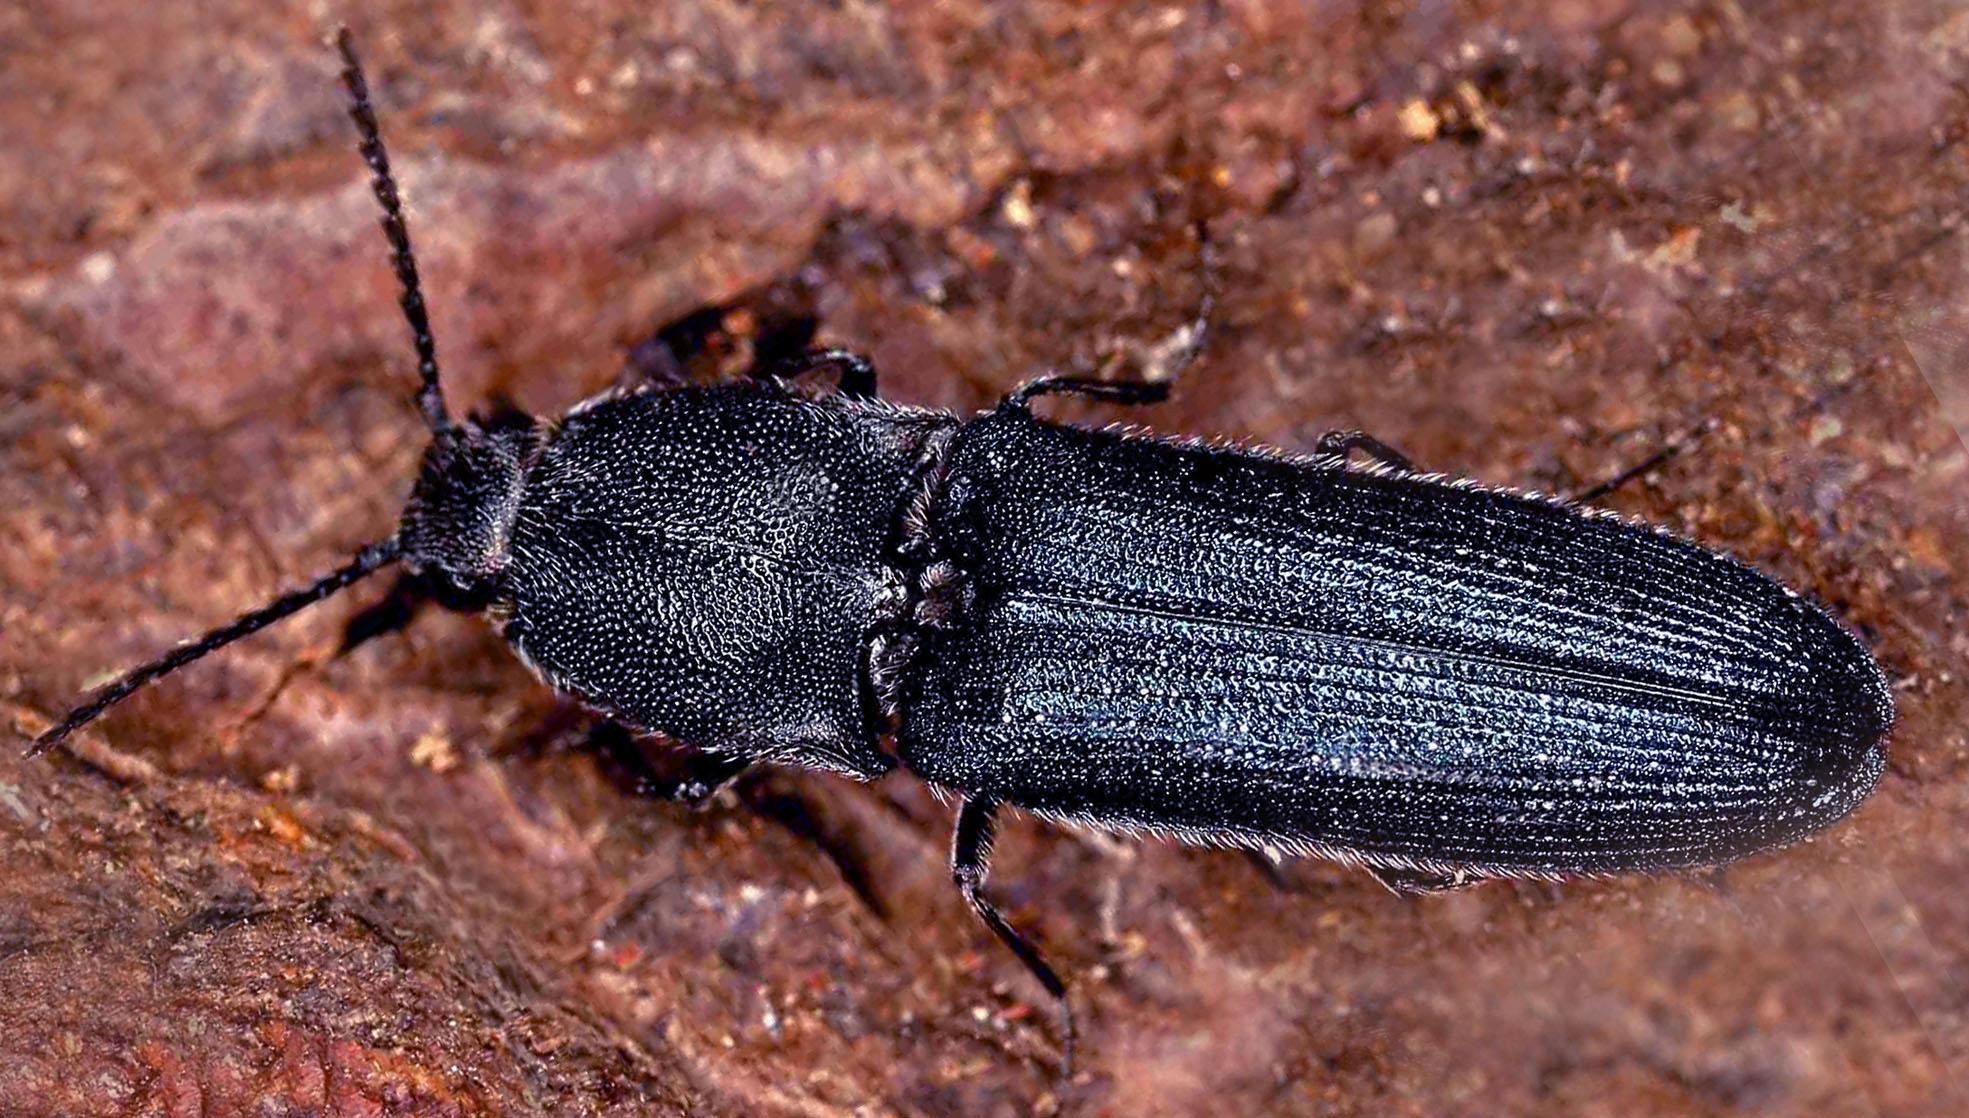 Veilchenblauer Wurzelhalsschnellkäfer (Limoniscus violaceus). © E. Wachmann